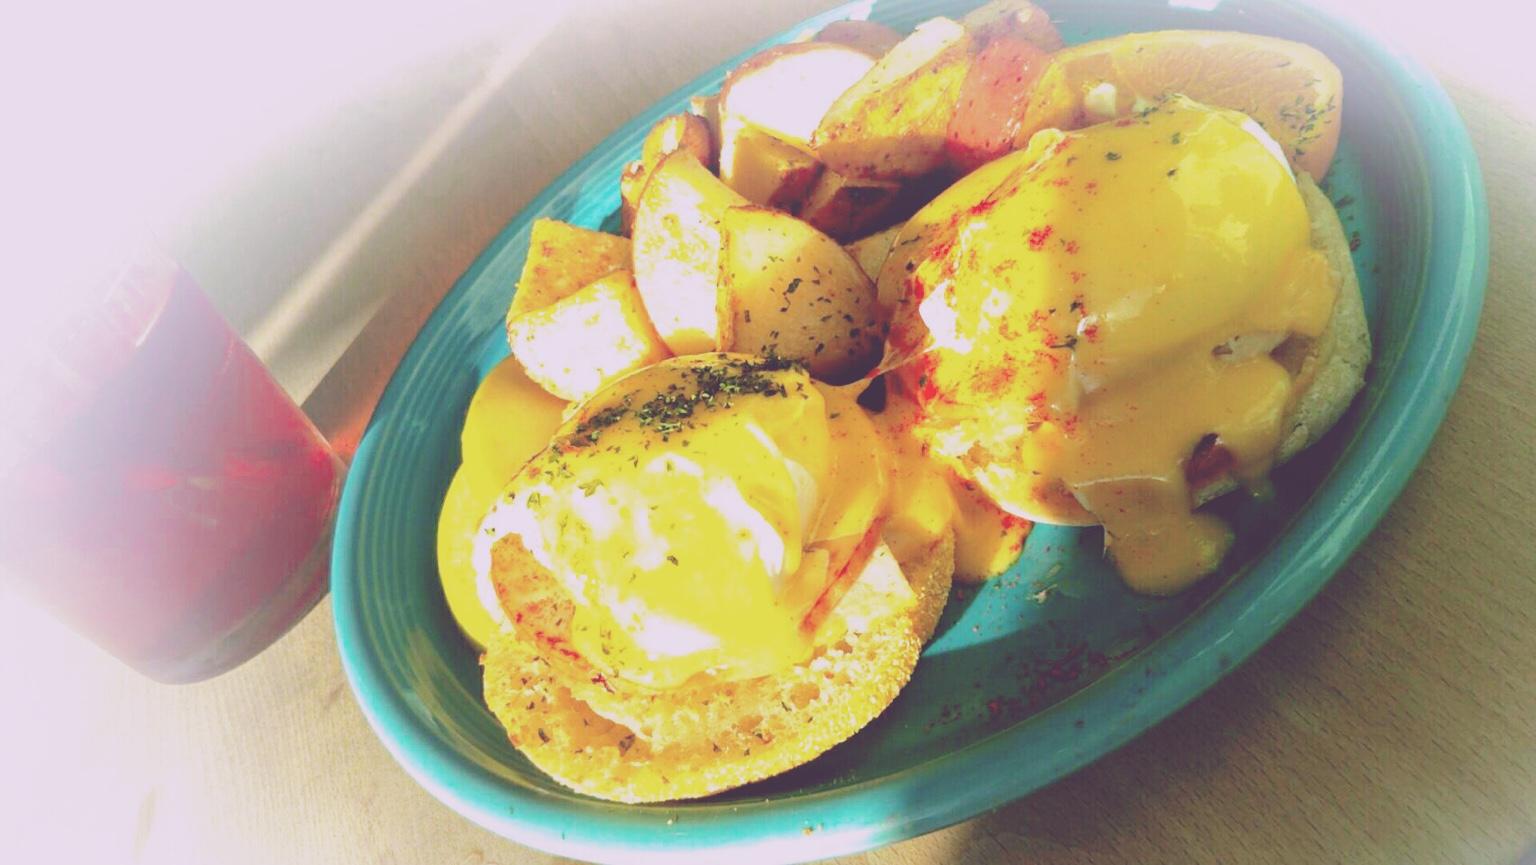 カフェカイラの朝食!「フルーツ全部のせパンケーキ」と「エッグベネディクト」